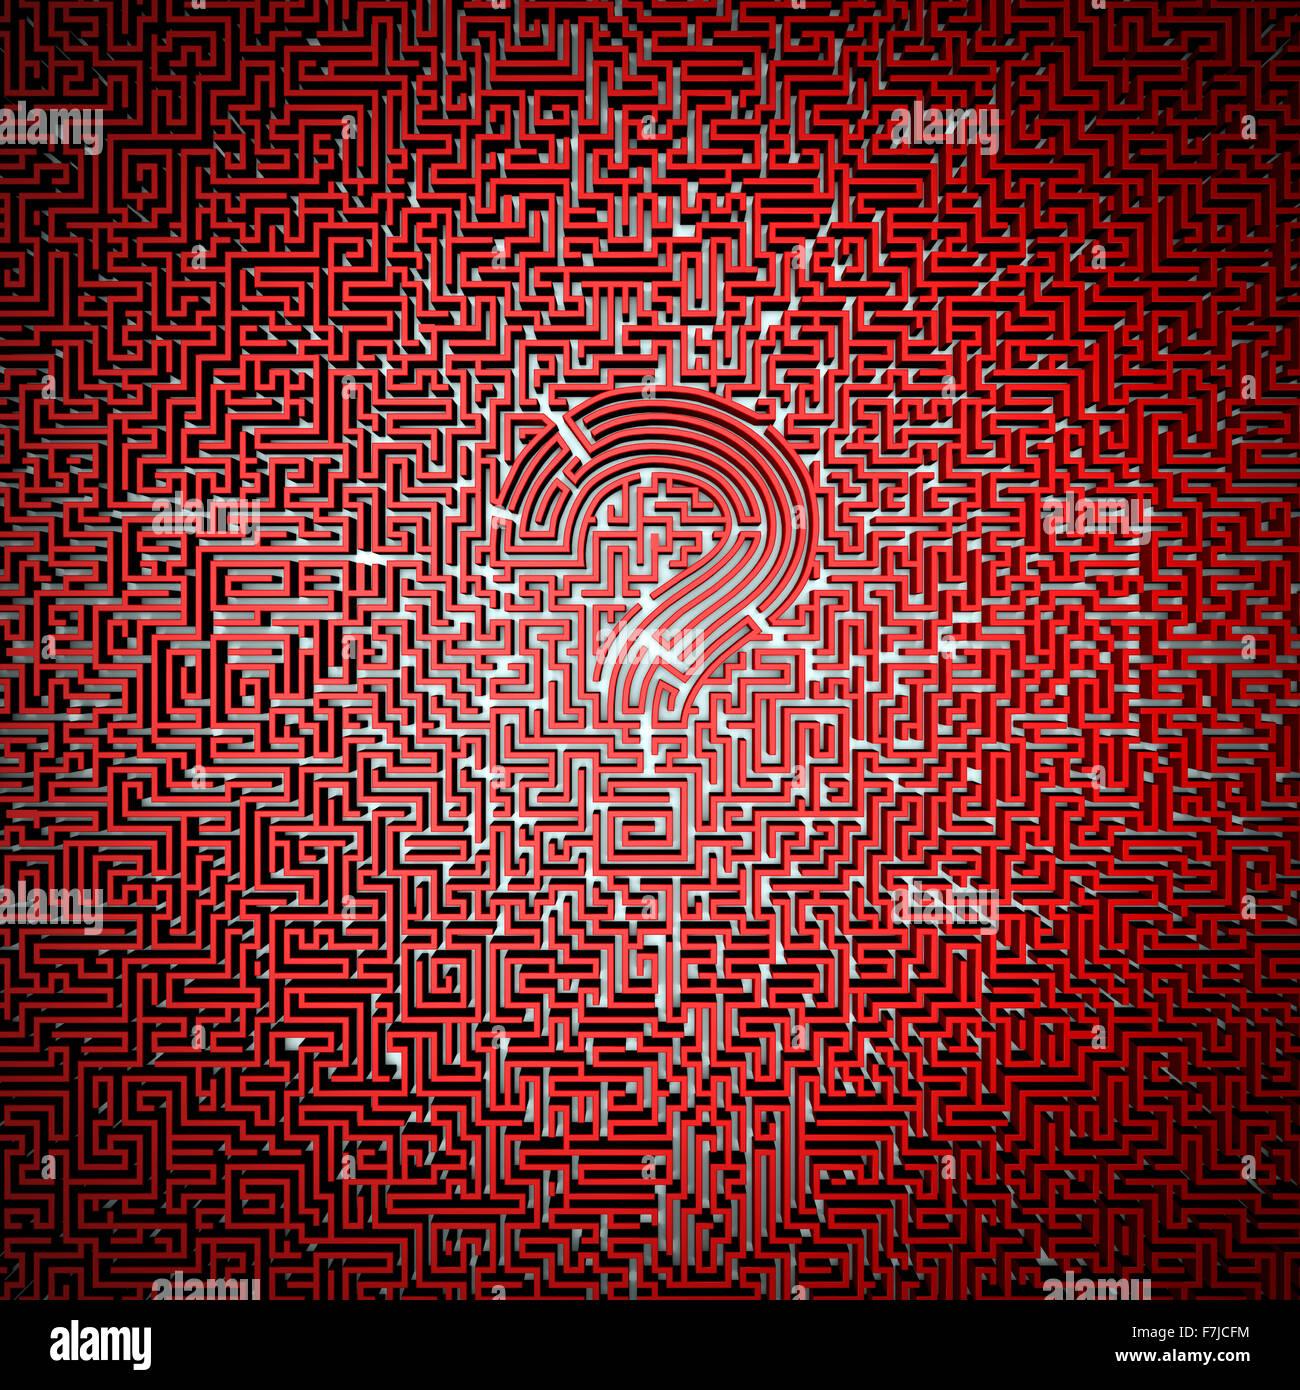 Ultimate questione maze / 3D render del labirinto gigante con un punto interrogativo in centro, facile da colorare Immagini Stock